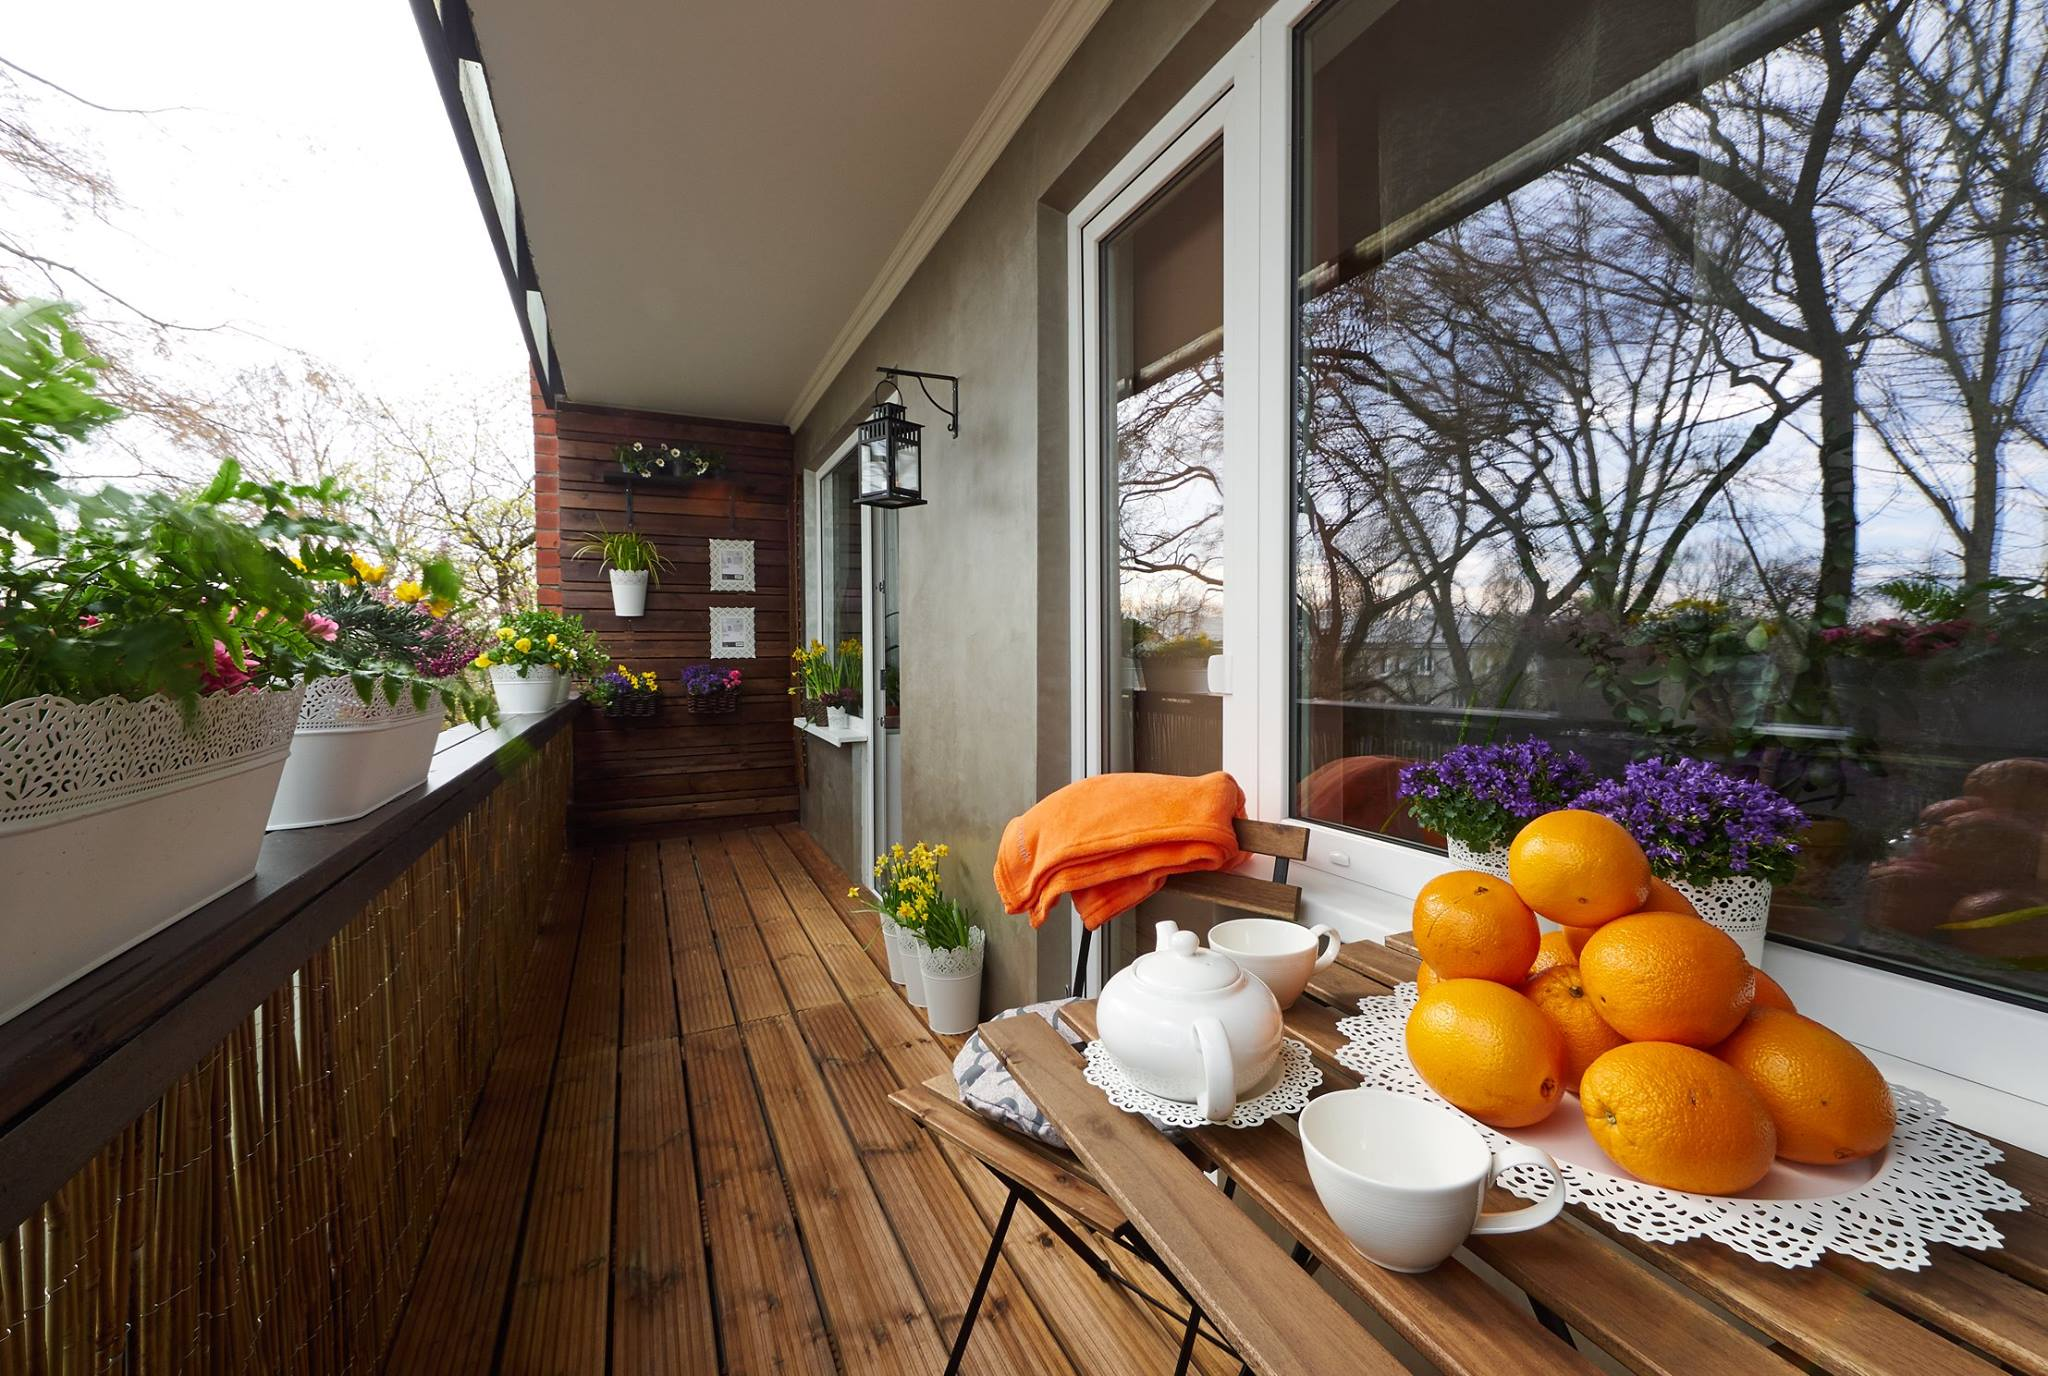 Arhitekts_Gints_Suna_Balkons_9